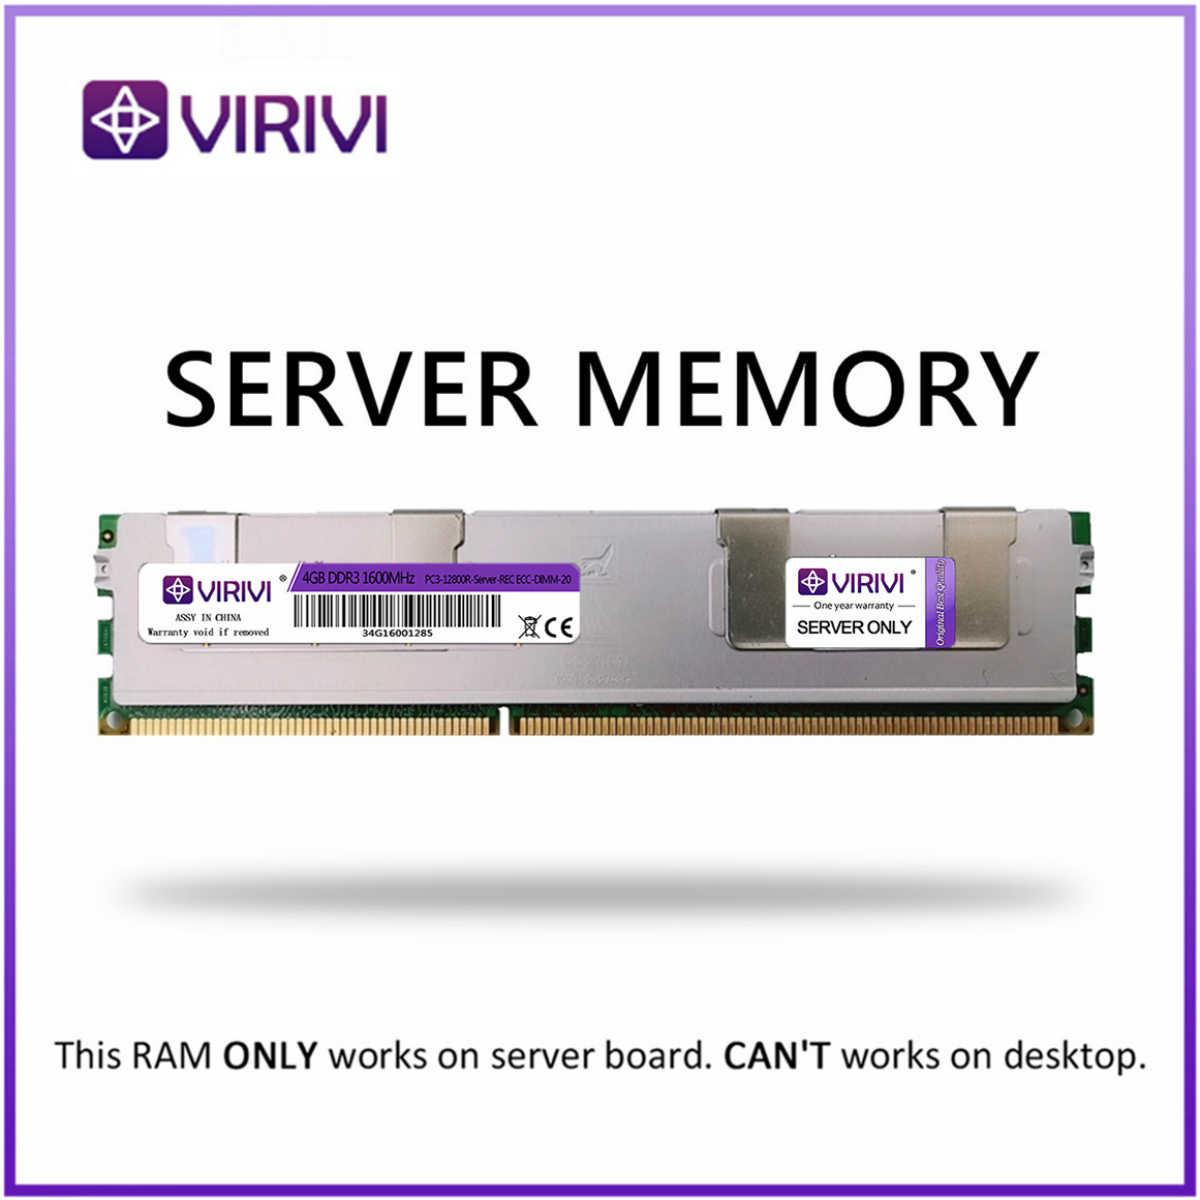 Di RAM con Dissipatore di Calore DDR3 4GB 8GB 16GB 32GB 1333MHz 1600Mhz 1066Mhz REG ECC VIRIVI di Memoria del Server 2011 CPU X58 X79 Scheda Madre Dimm